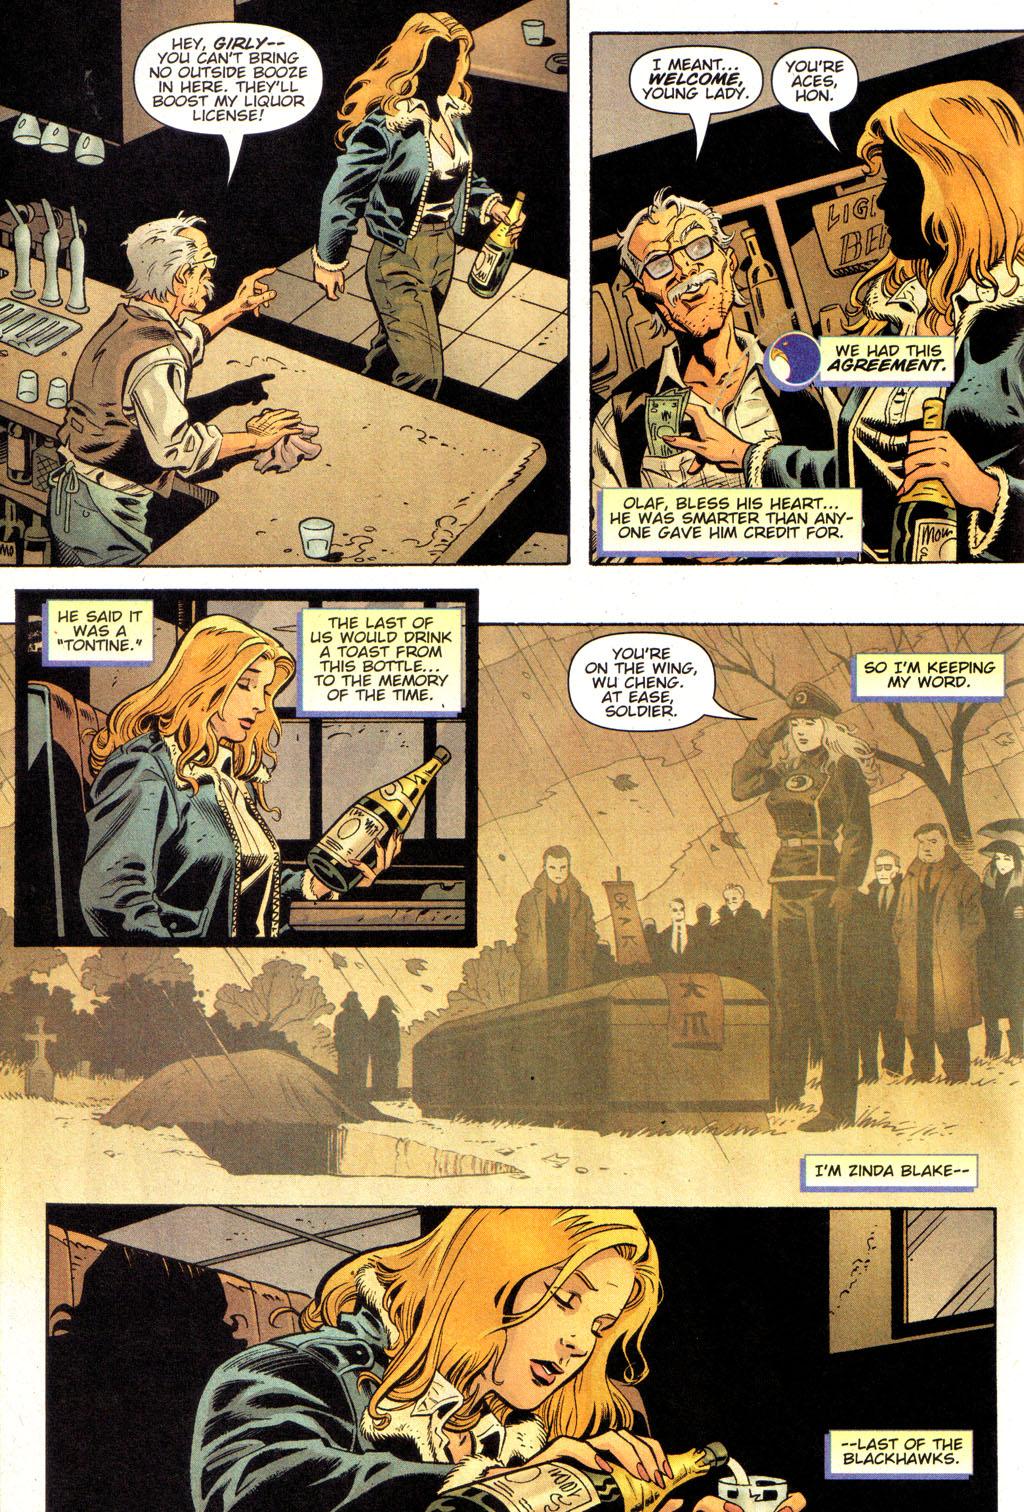 page21 Zinda Blake.jpg